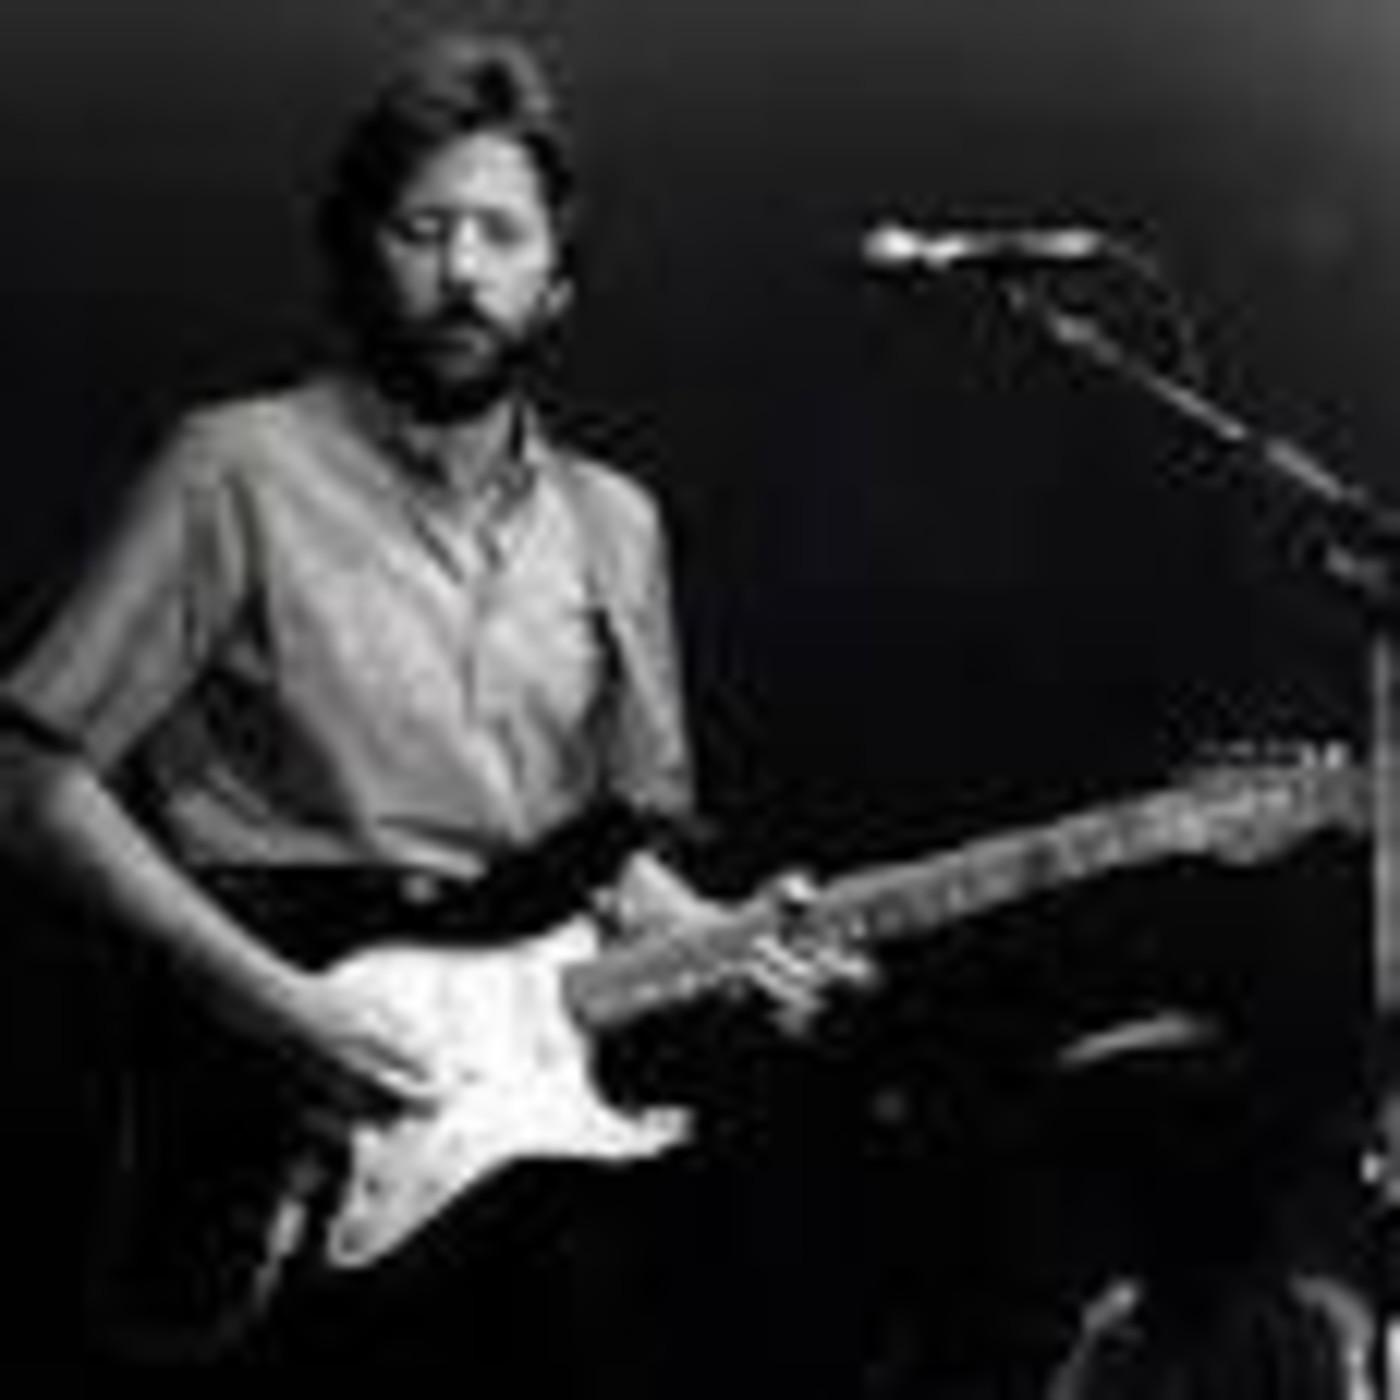 Programa dedicado a Eric Clapton en Mi música, tu música